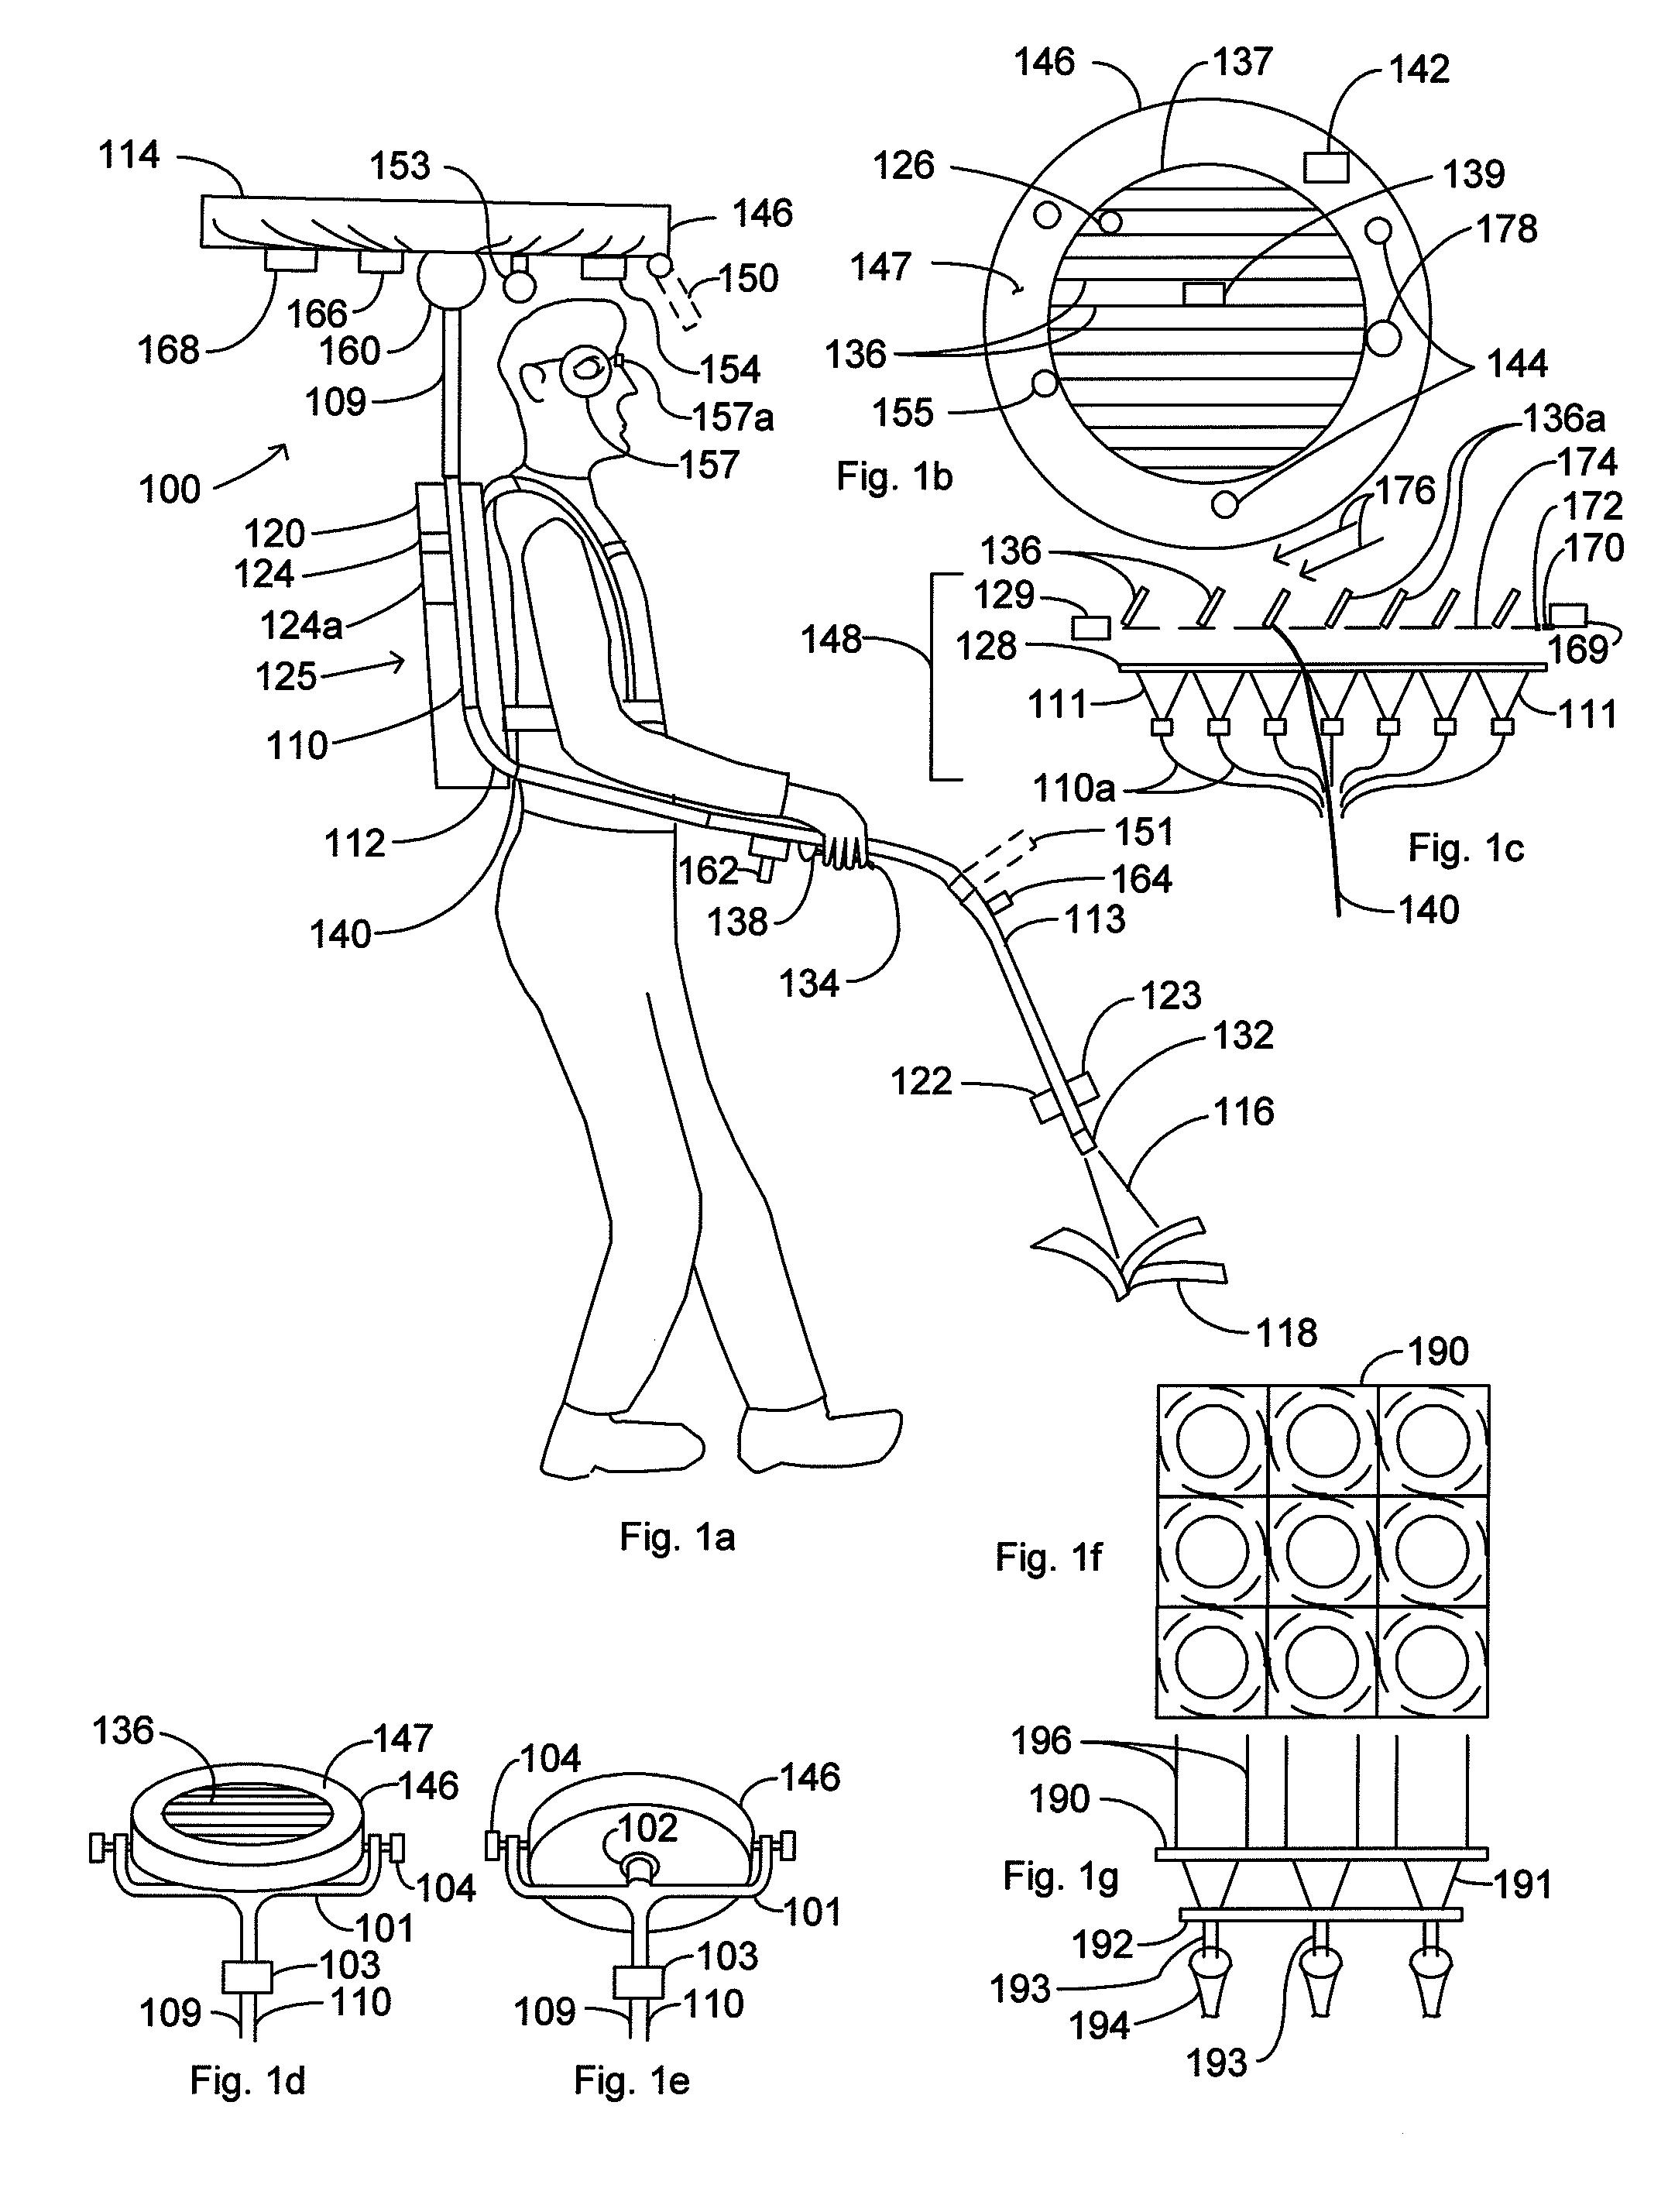 pyrometer wiring diagram related keywords suggestions auto meter pyrometer gauge wiring diagram website